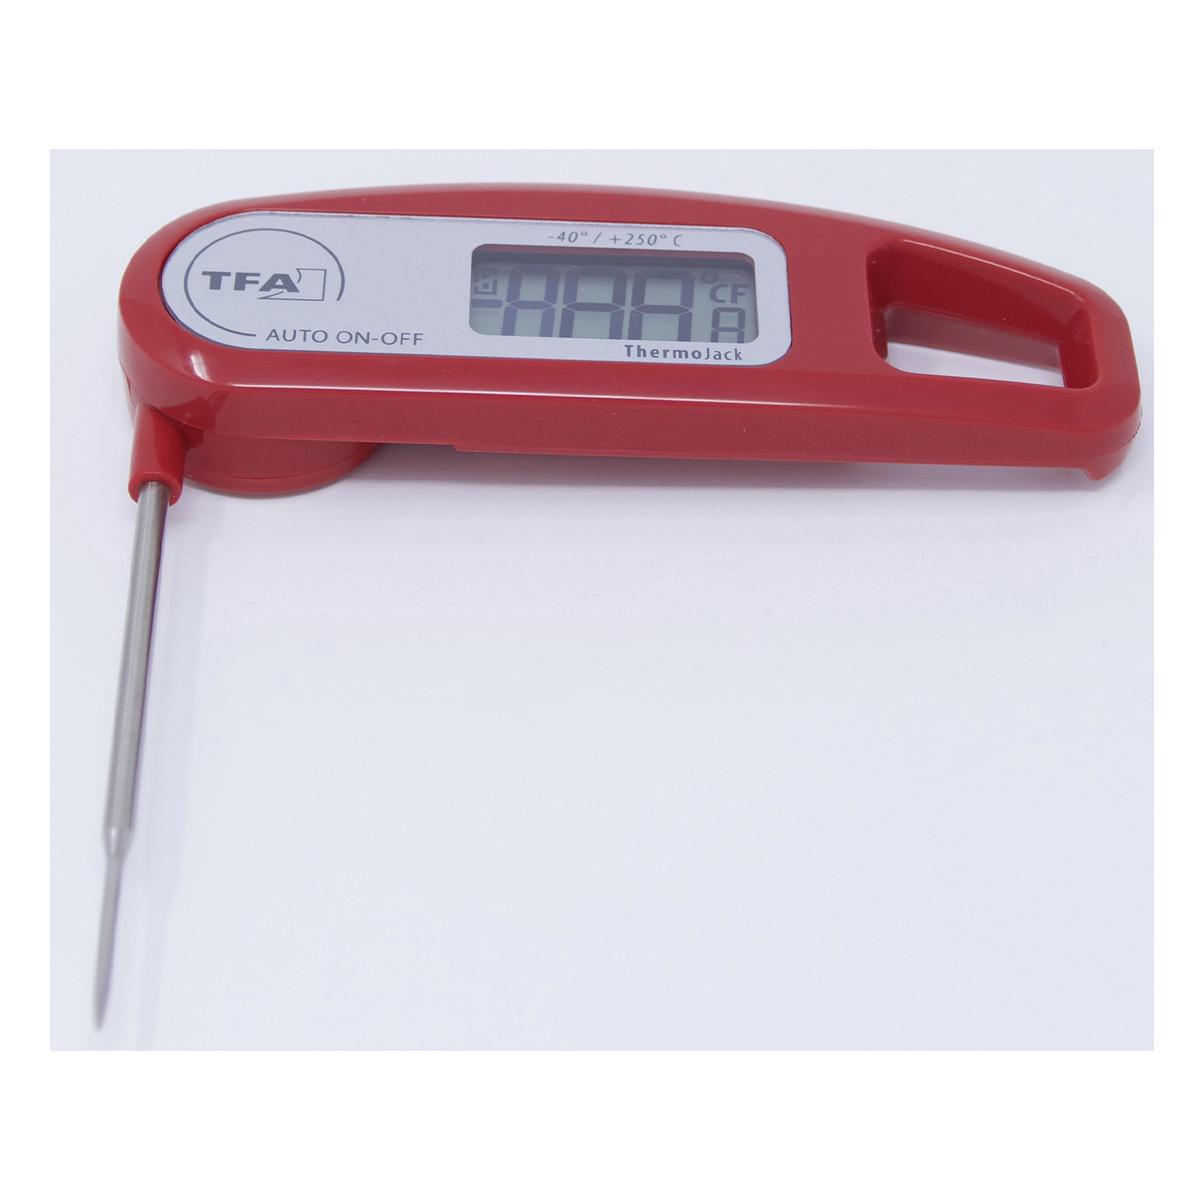 30-1047-05-digitales-einstich-thermometer-thermo-jack-ansicht3-1200x1200px.jpg